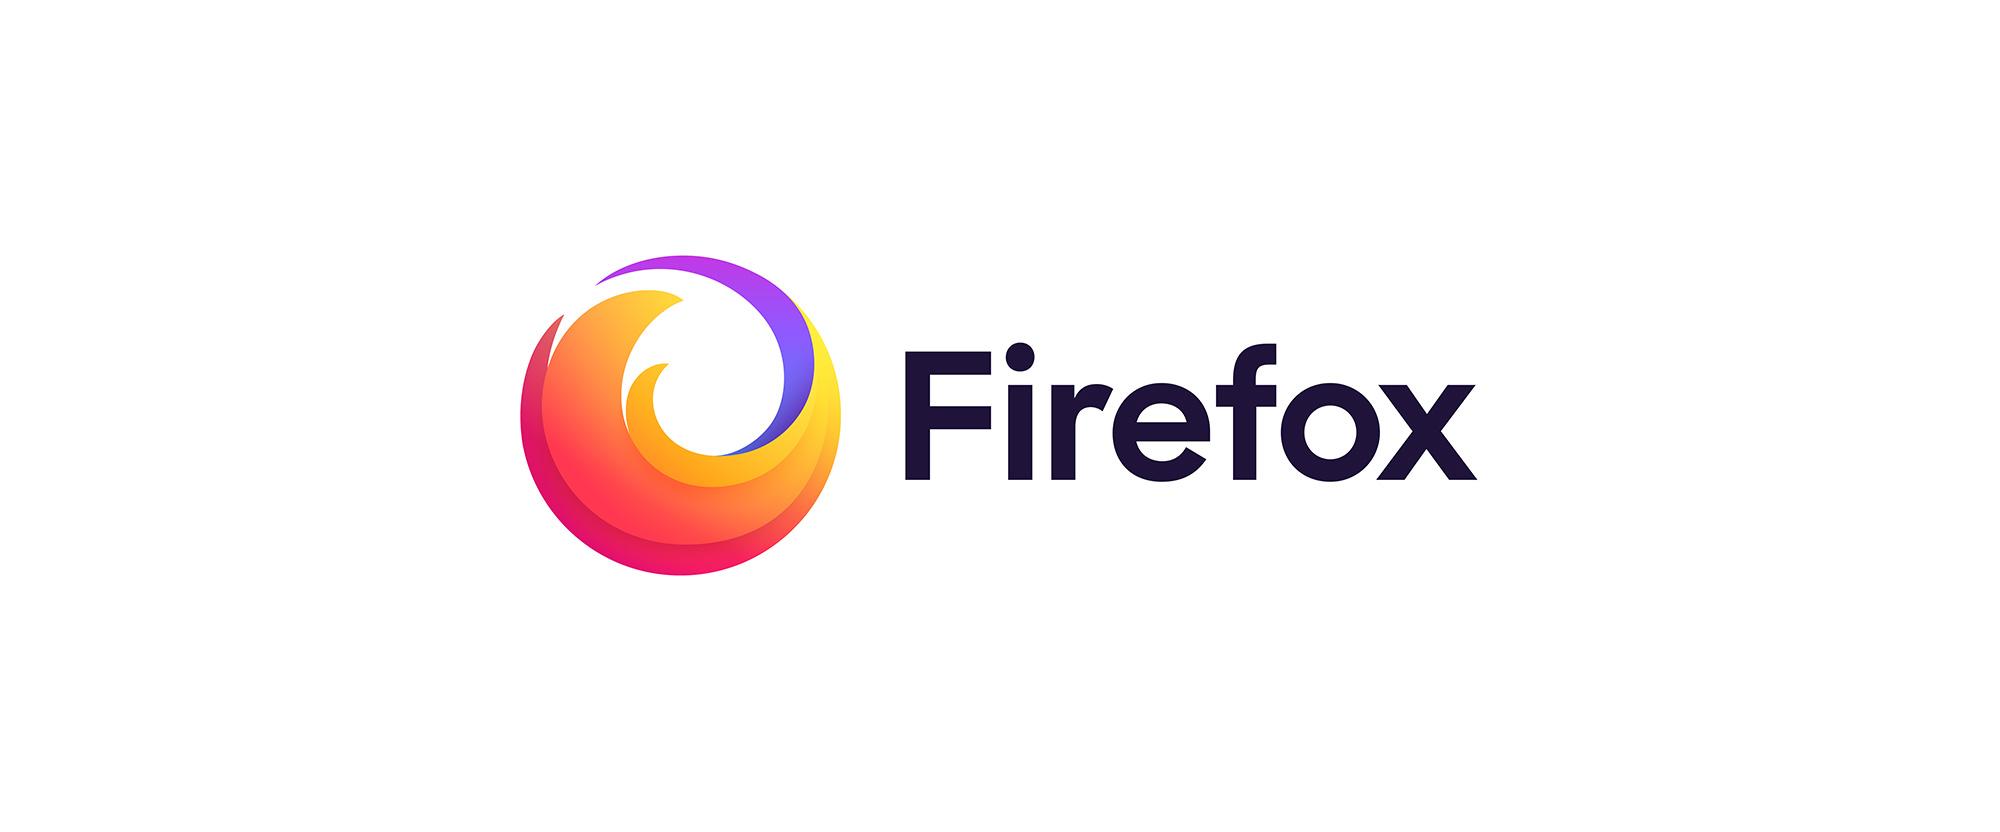 Bildresultat för firefox new brand